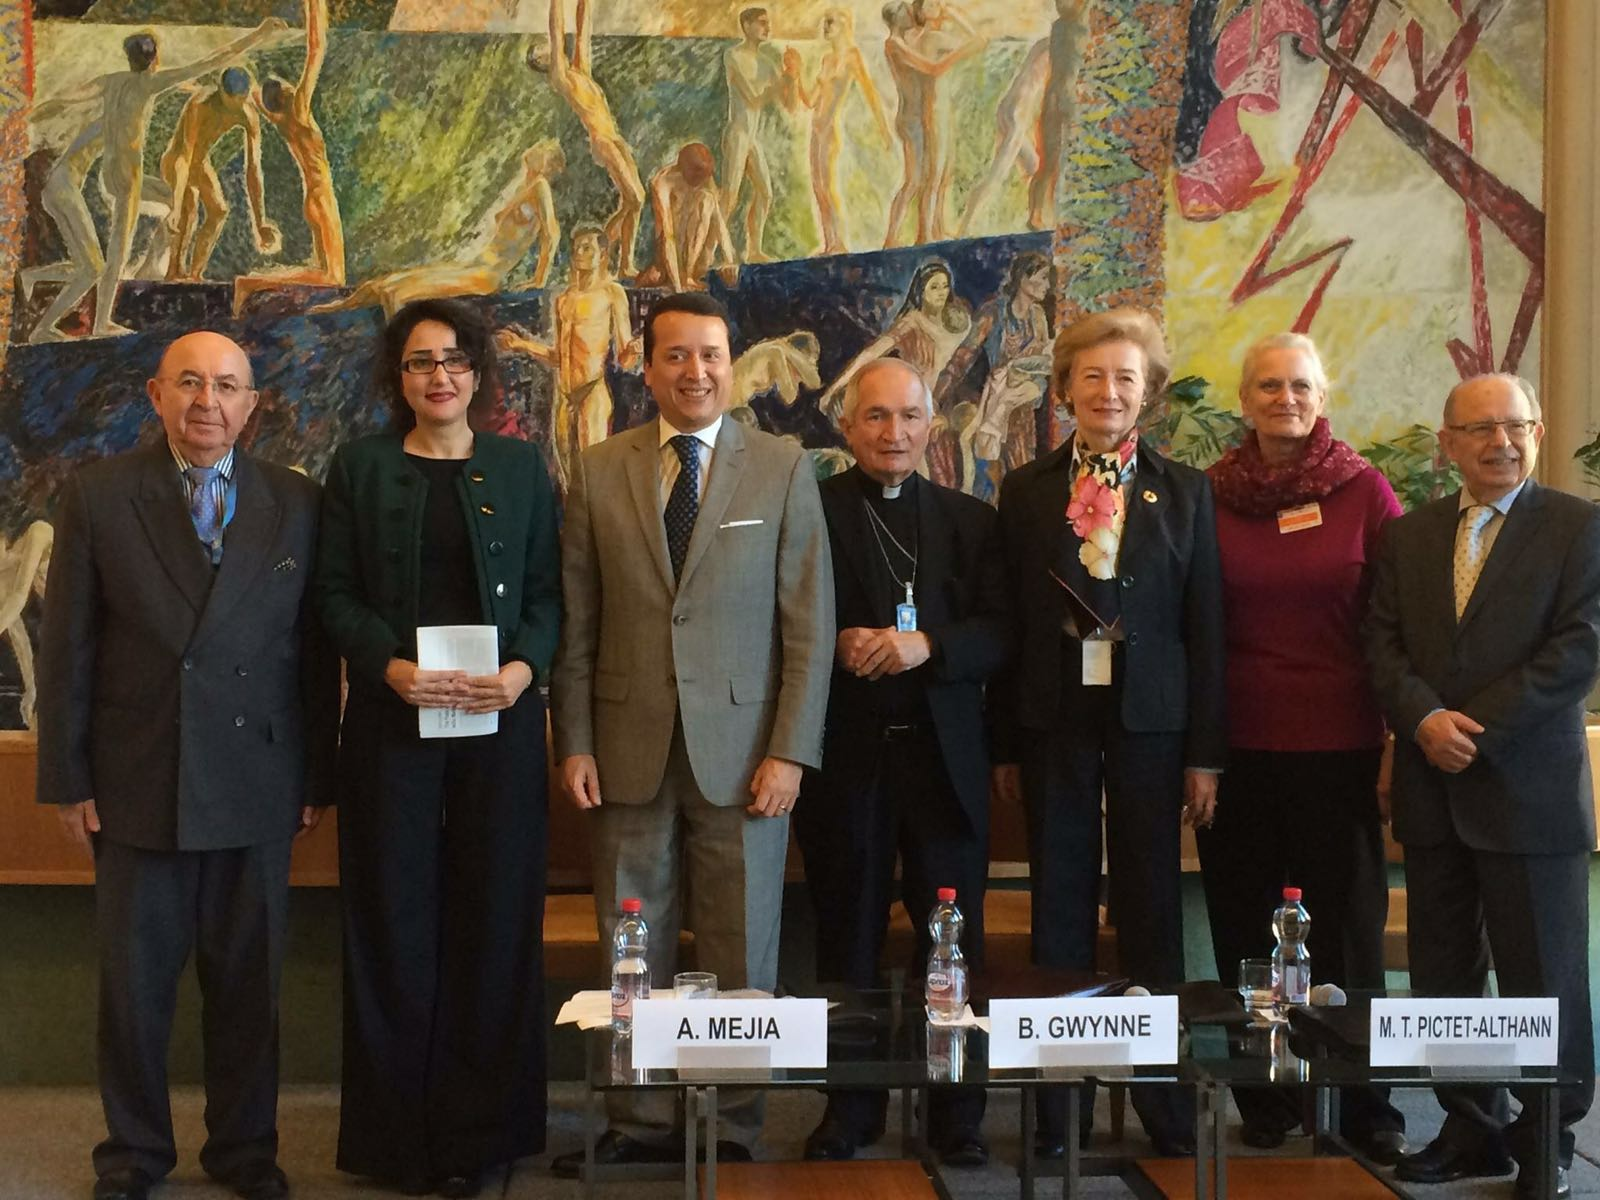 incontri a geneva convention Reggio di Calabria